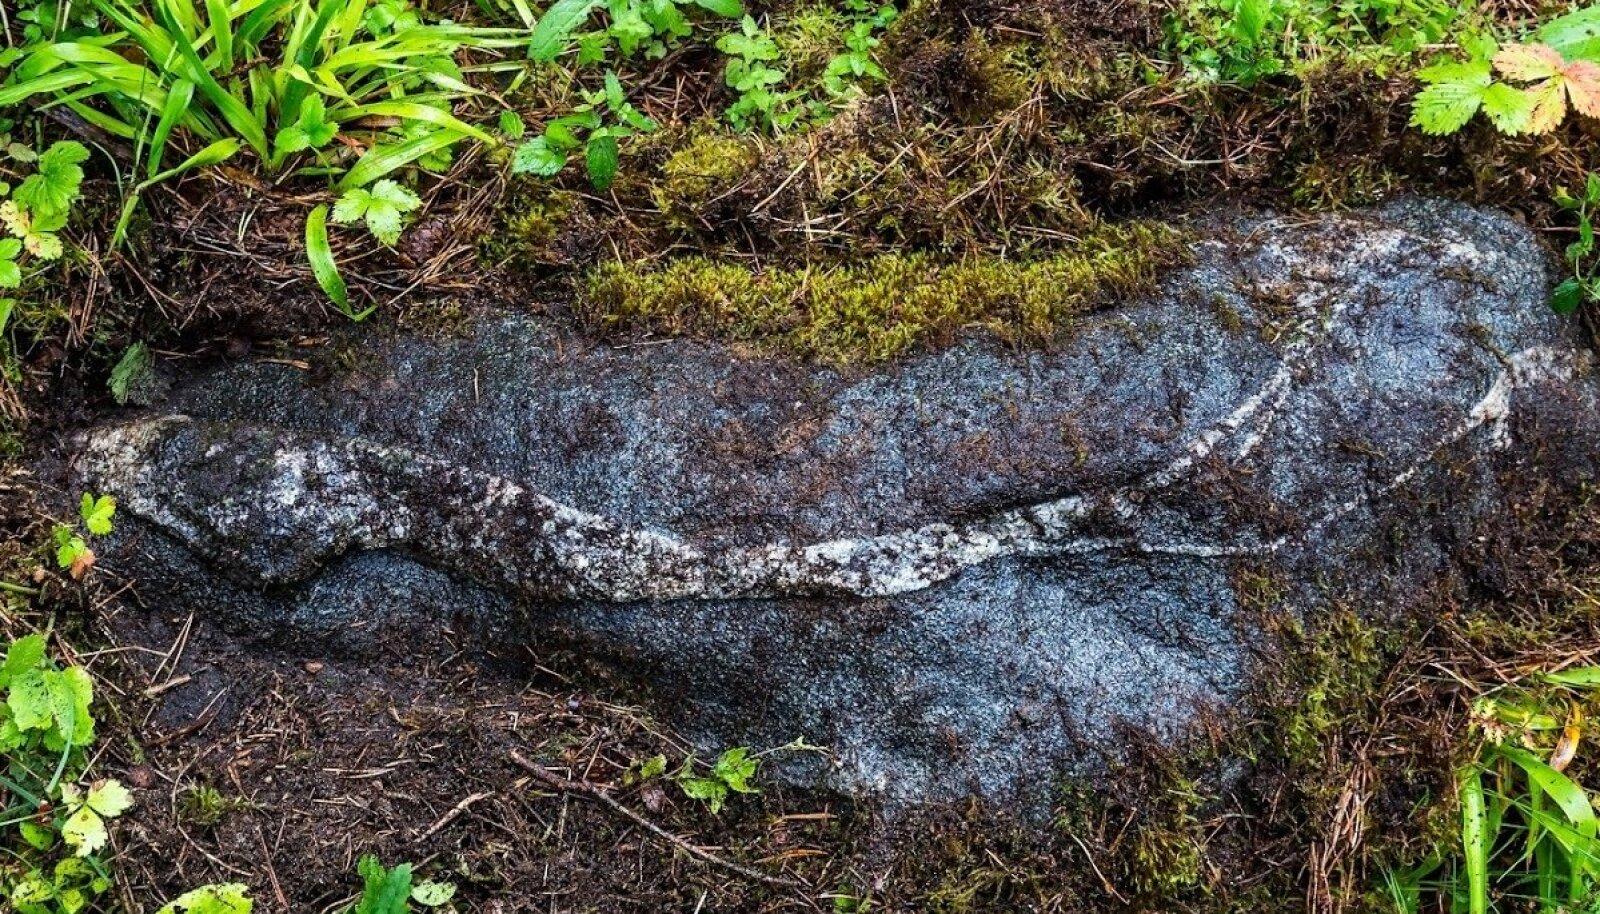 Ussikivi Saaremaa muinasobservatooriumis. Kohaliku ussikultuse konteksti asetub see kivi kahtlemata. Kui viisnurk on emajumala sümbol, siis madu on emajumaliku tarkuse võrdkuju. Kivisse jäädvustunud madu maa peal ja Põhjamao nimeline tähtkuju kõrgel üleval, kus tema Põhjanaela ümber ringi käib, kuulusid kumbki muinasobservatooriumi vardjate huvisfääri – samuti kui kiviviisnurk all ja Venuse viisnurk ülal.